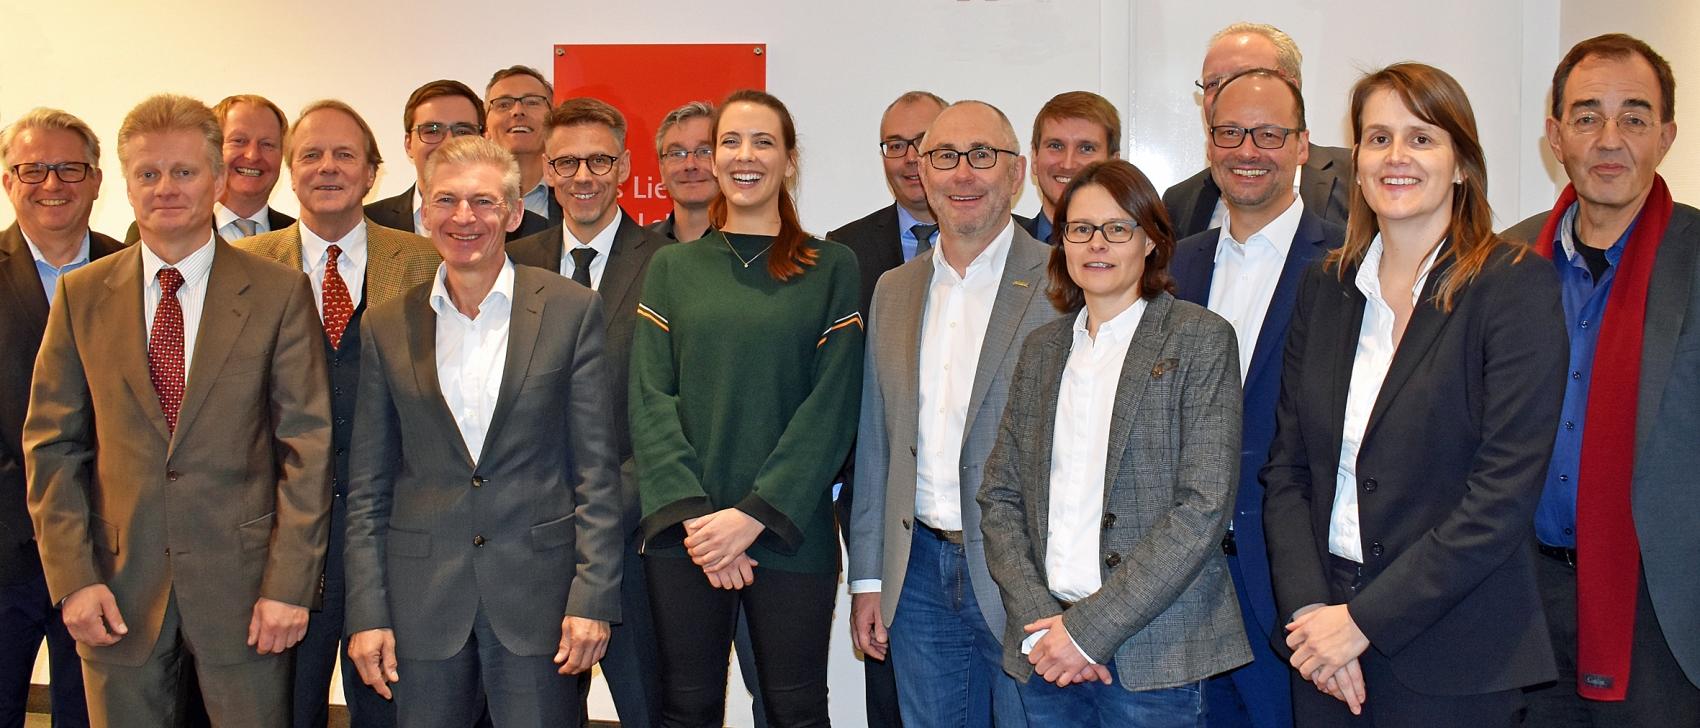 Mitunsleben Zieglersche Bringen Online Plattform Fur Soziale Dienstleistungen Mit Auf Den Weg Die Zieglerschen